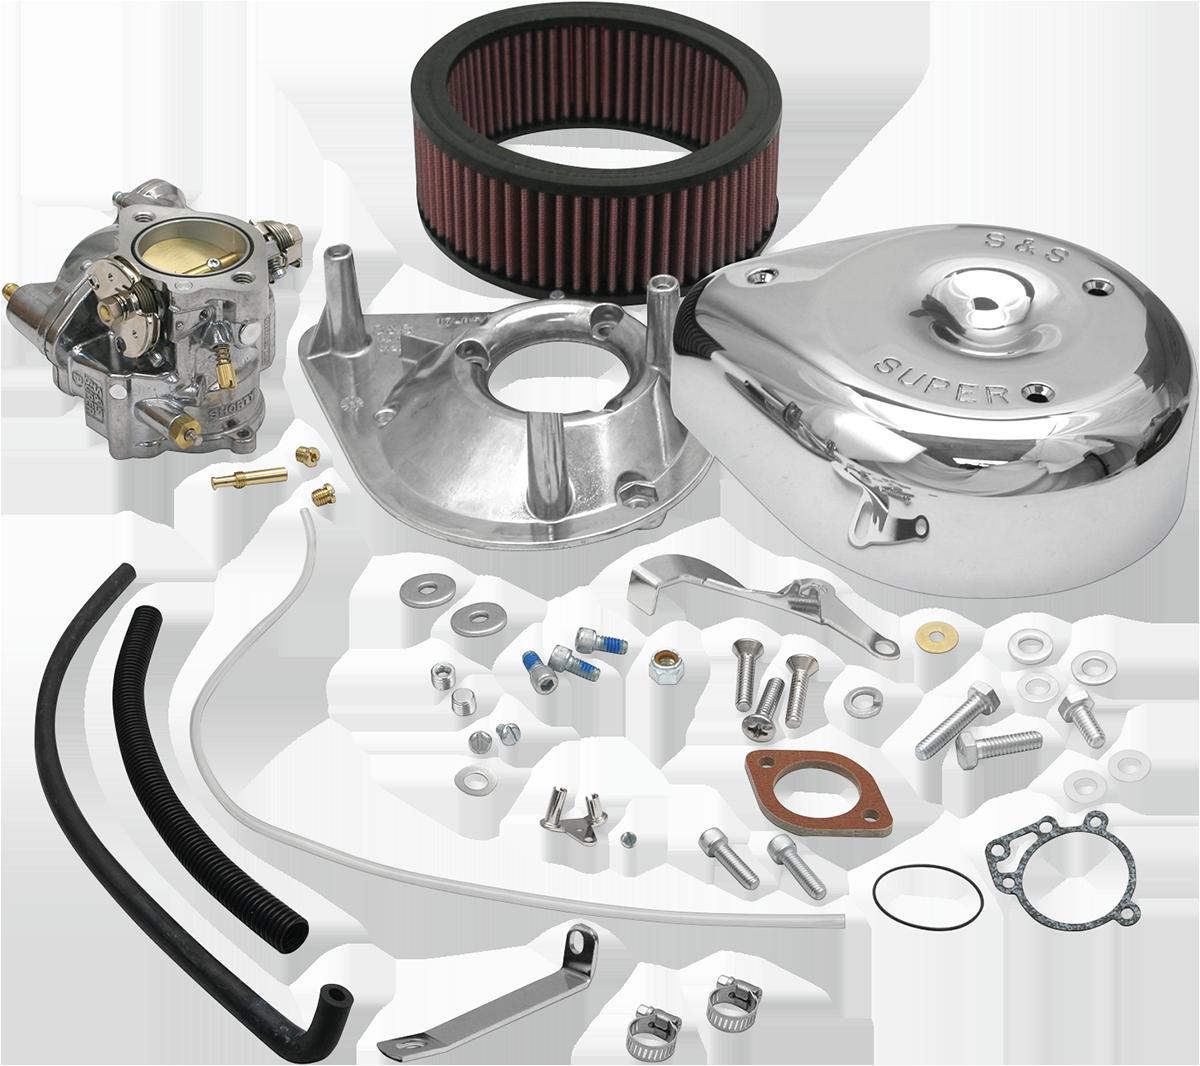 S&S Cycle Chrome Super E Carburetor Kit for 66-84 Harley Touring FL FLHX FX FXE